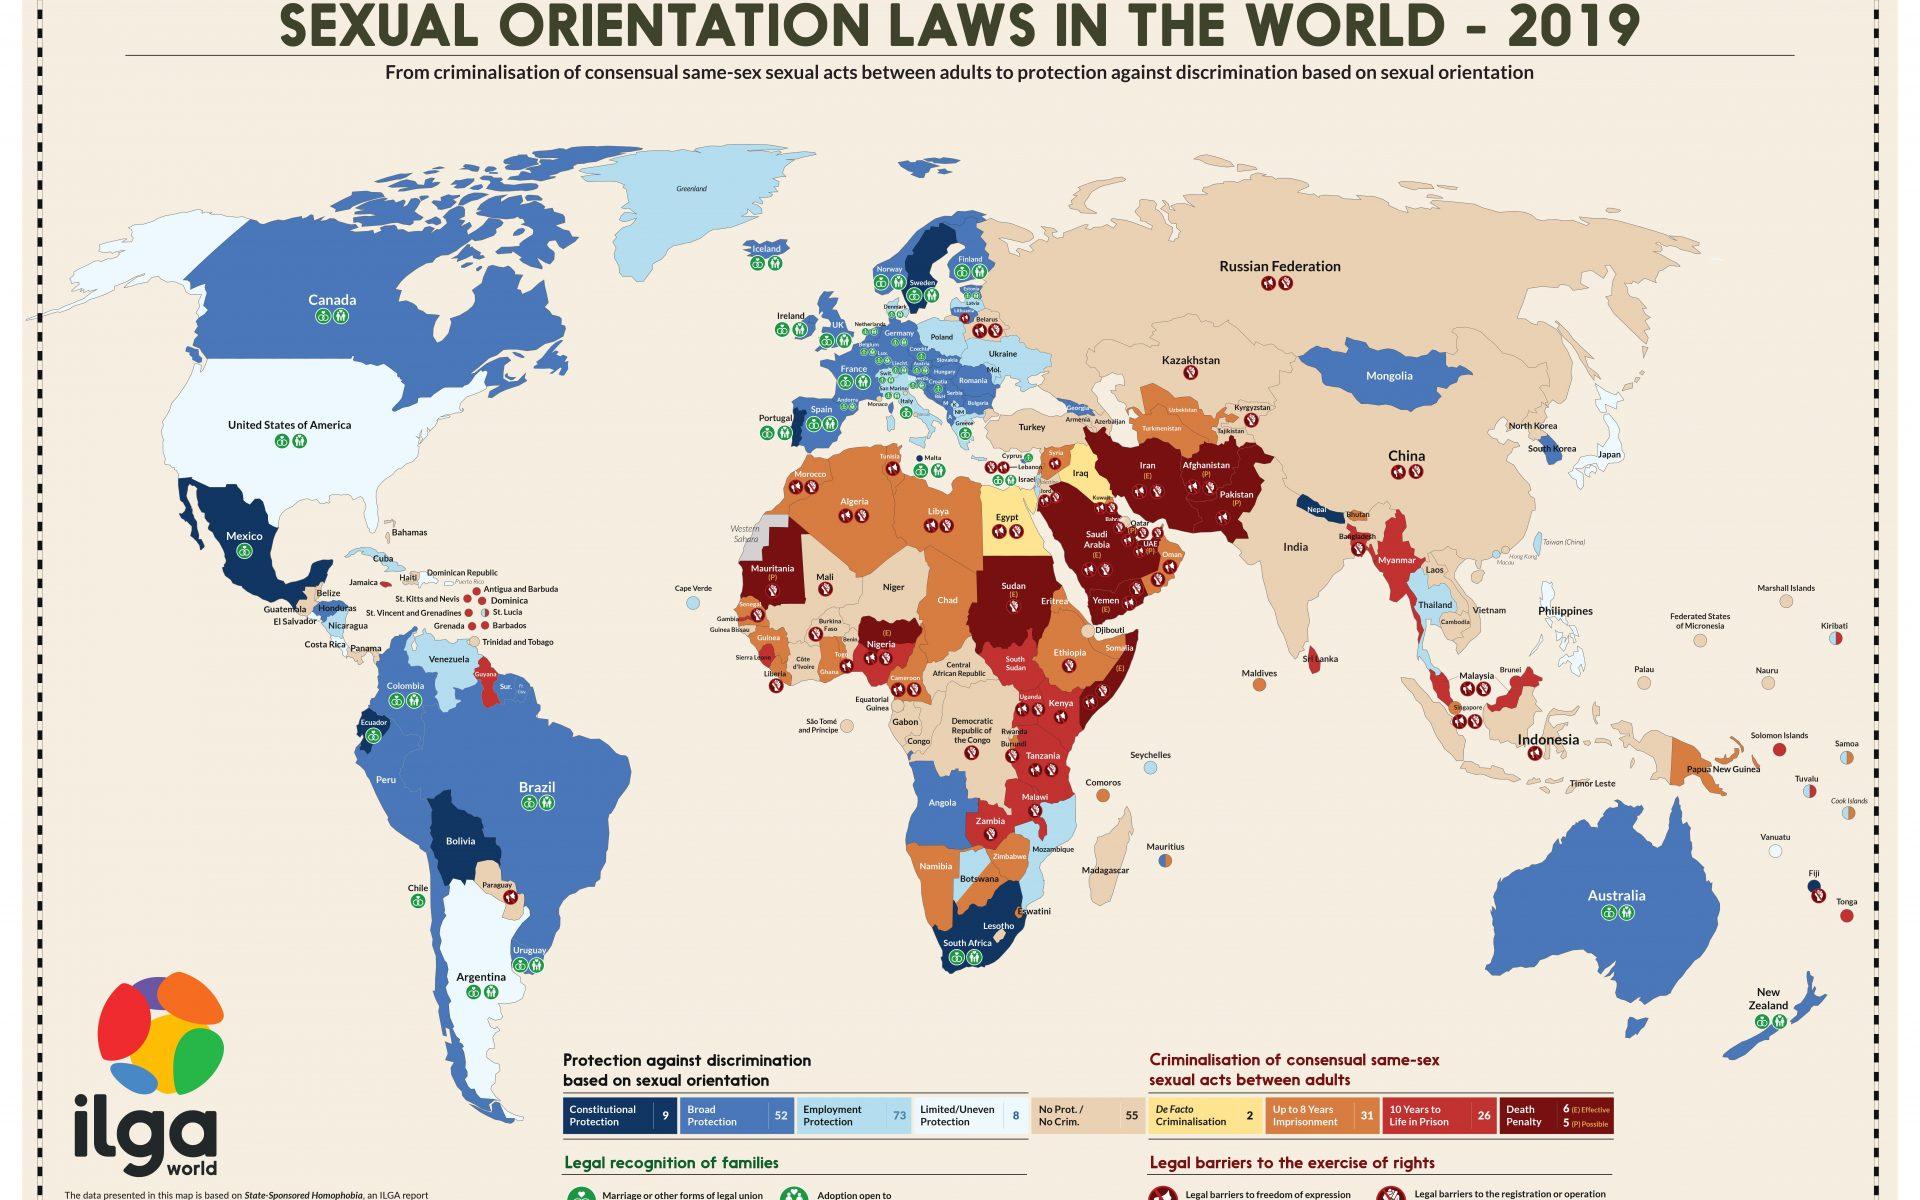 En karta som visar vilka regler för sexuell läggning som gäller runtom i världen